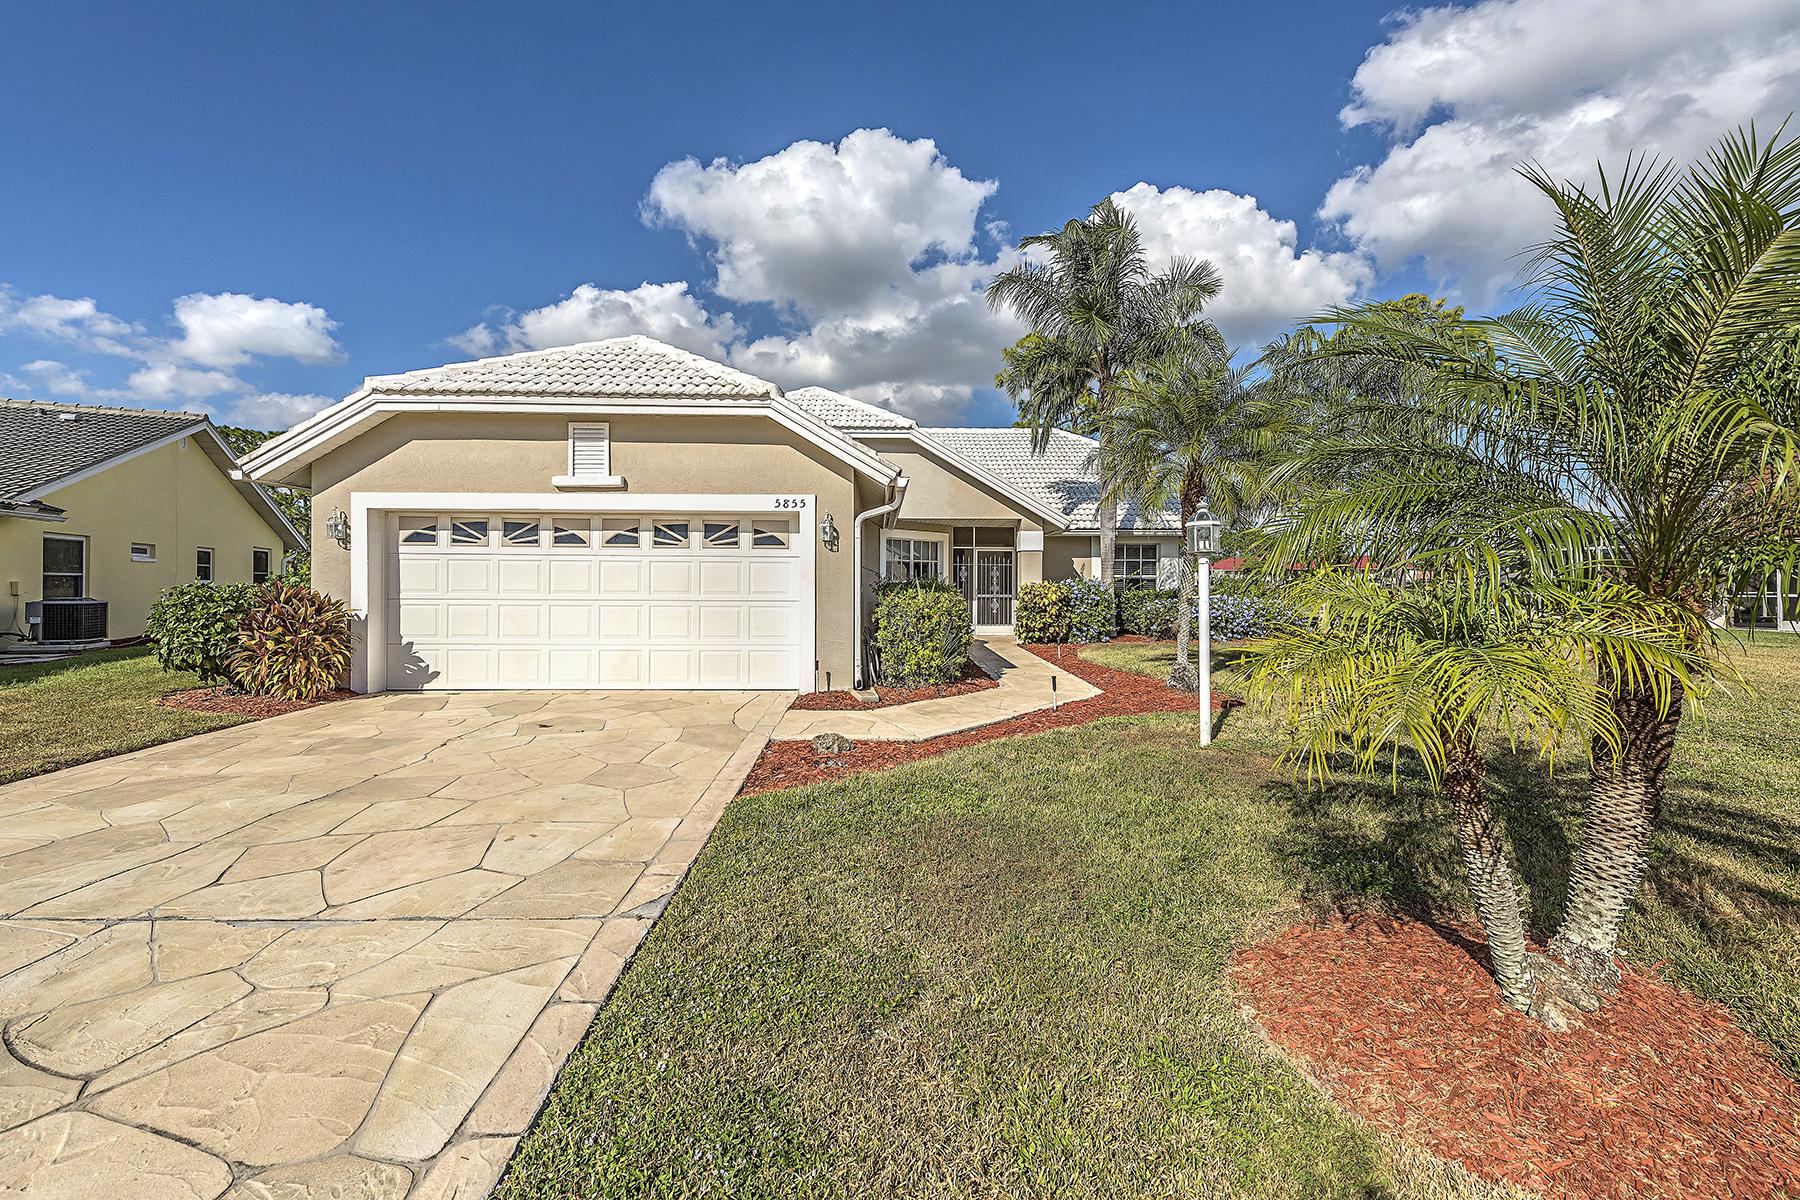 独户住宅 为 销售 在 Naples 5855 Westbourgh Ct 那不勒斯, 佛罗里达州, 34112 美国